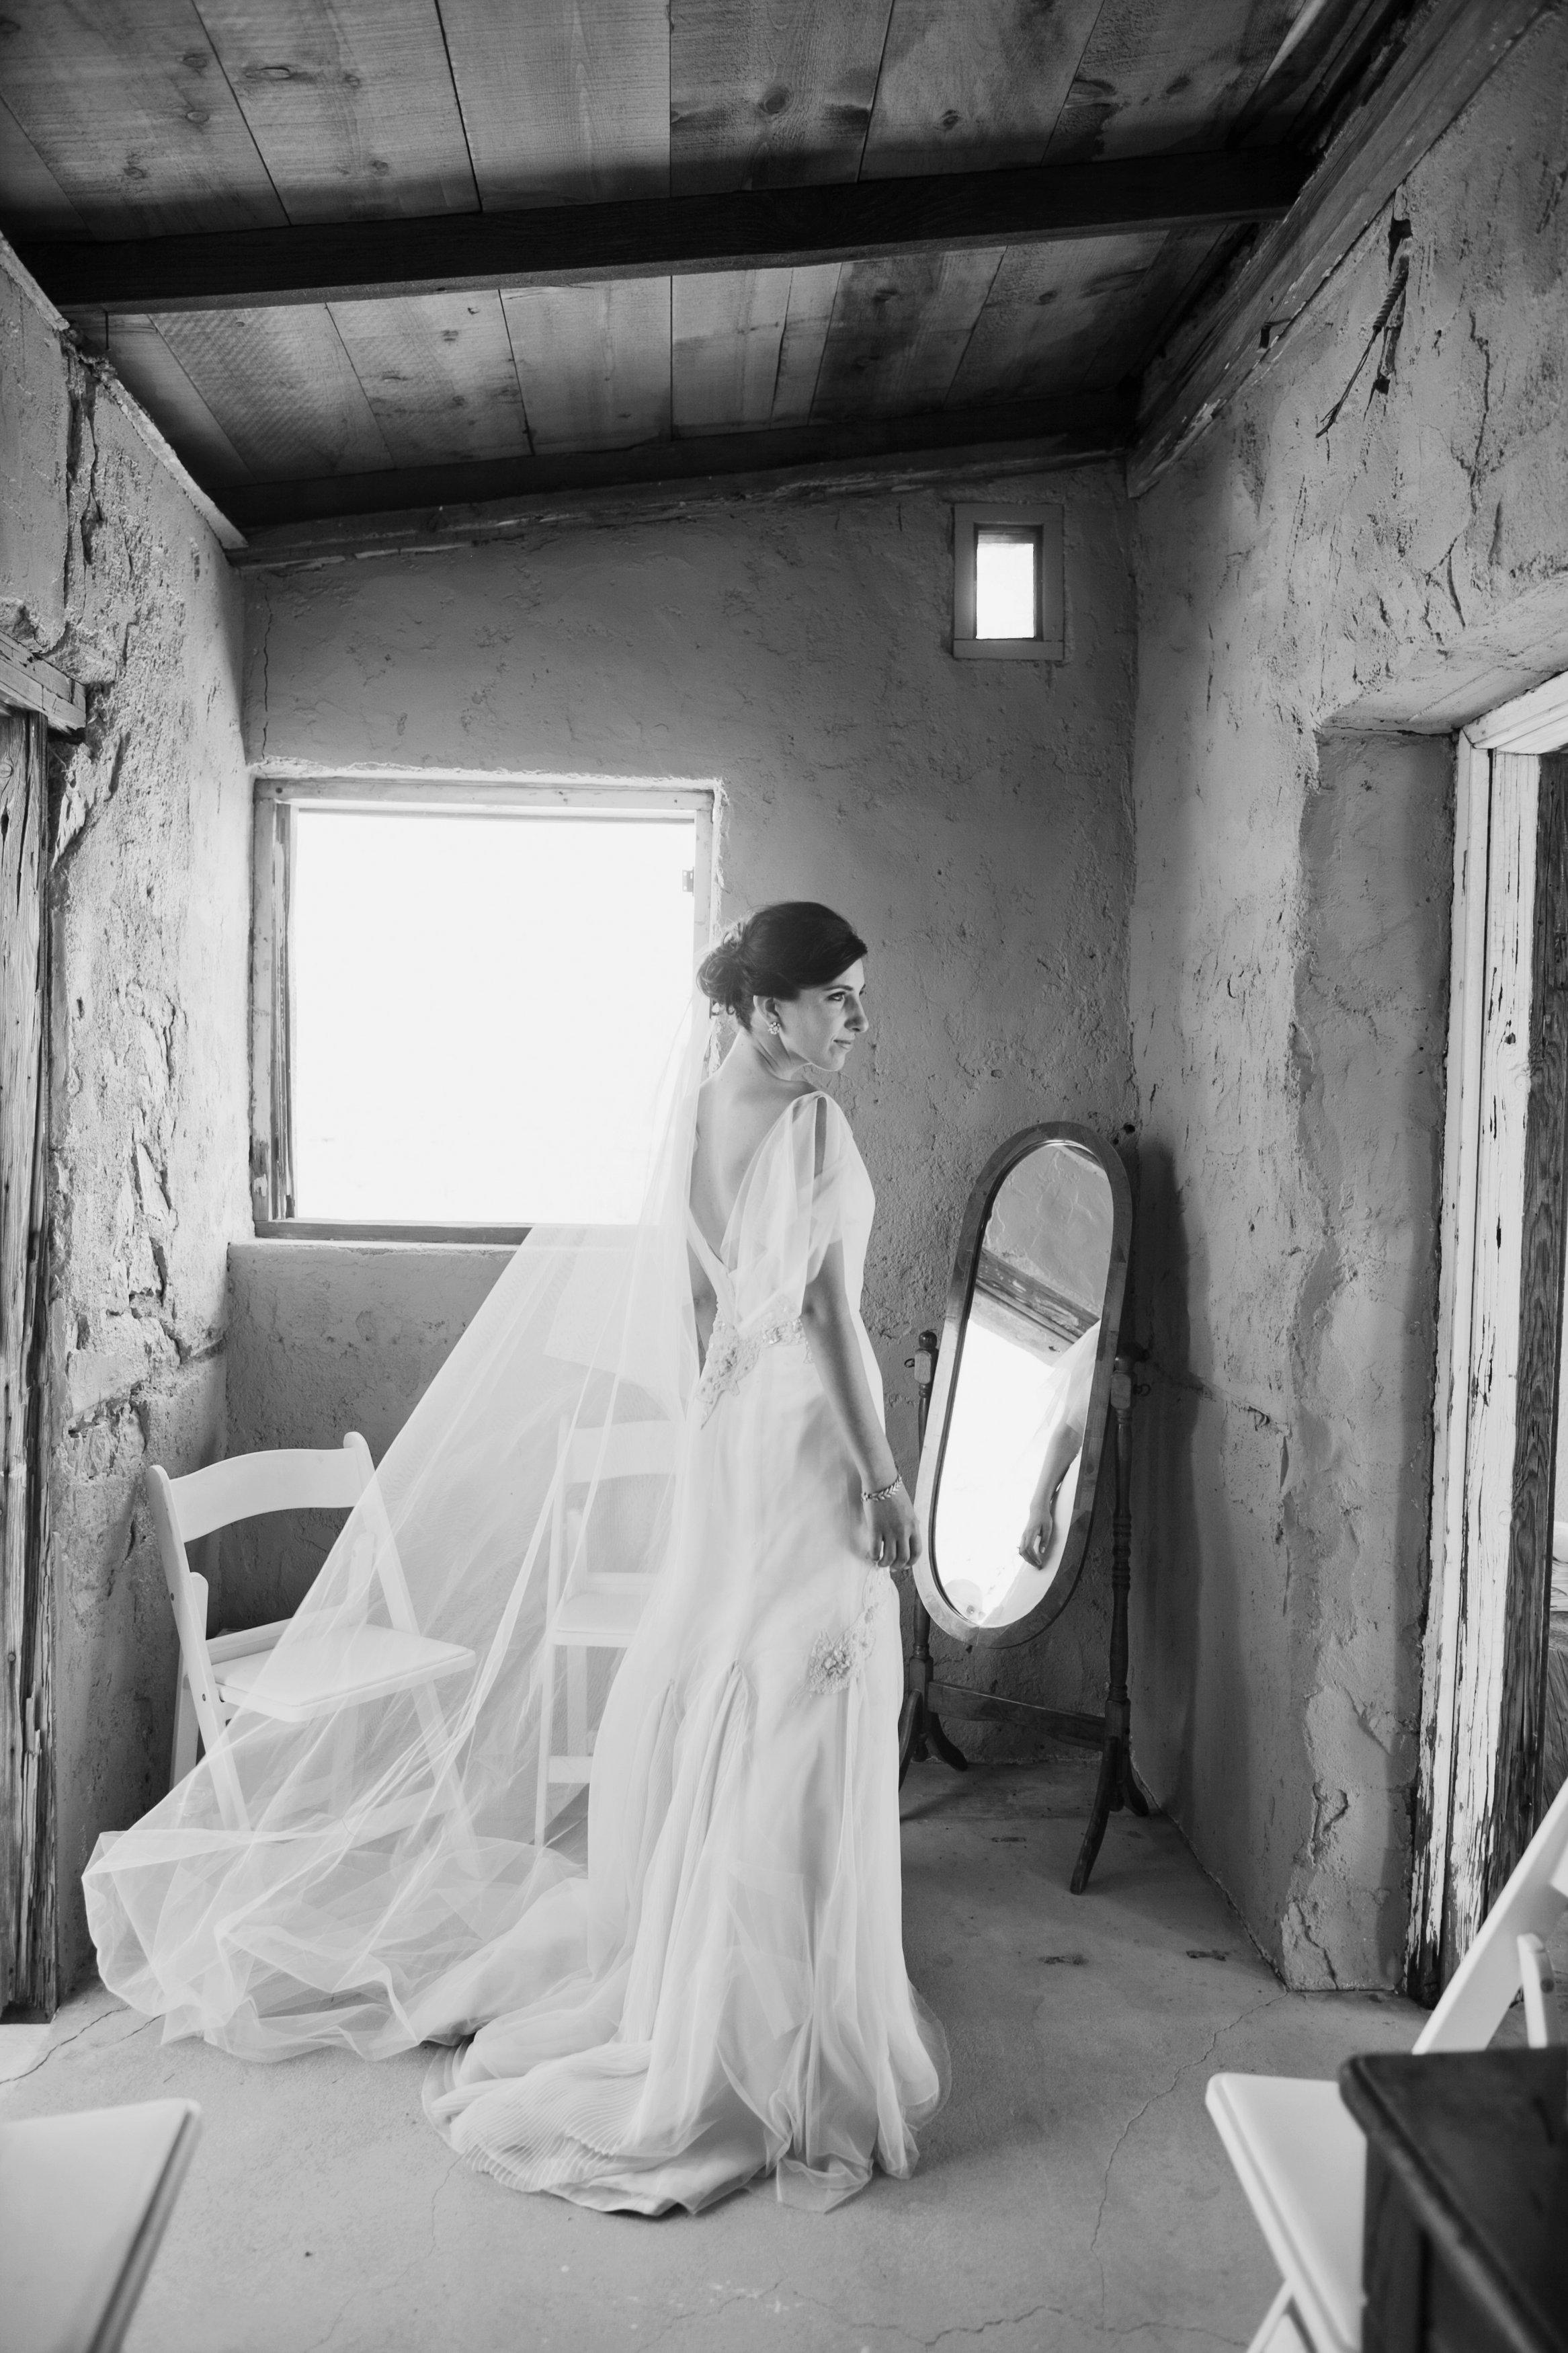 Ceci_New_York_Ceci_Style_Ceci_Johnson_Luxury_Lifestyle_Arizona_Wedding_Watercolor_Inspiration_Design_Custom_Couture_Personalized_Invitations_110.jpg